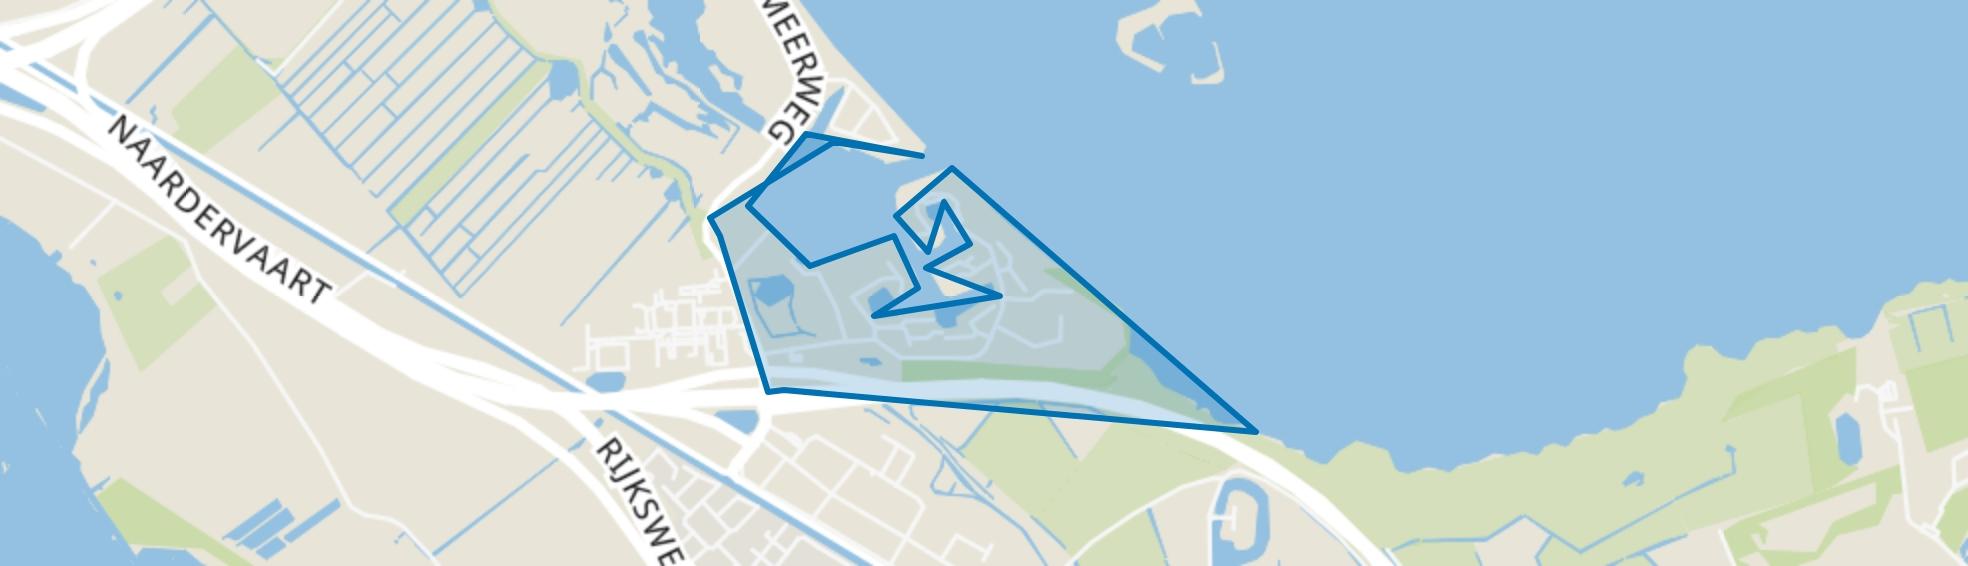 Naarderwoonbos, Naarden map